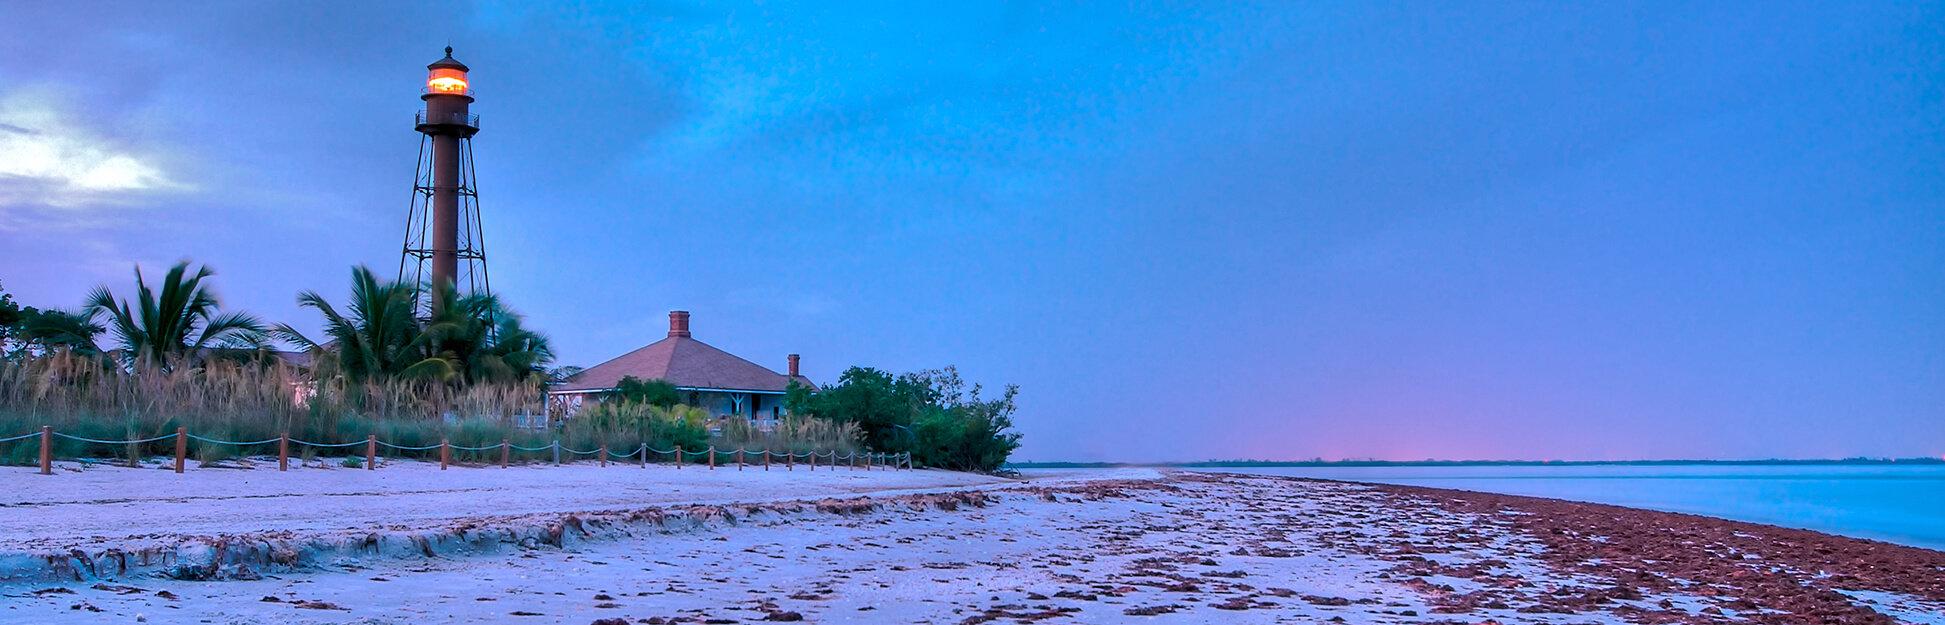 Sanibel Island Southwest Florida Travel